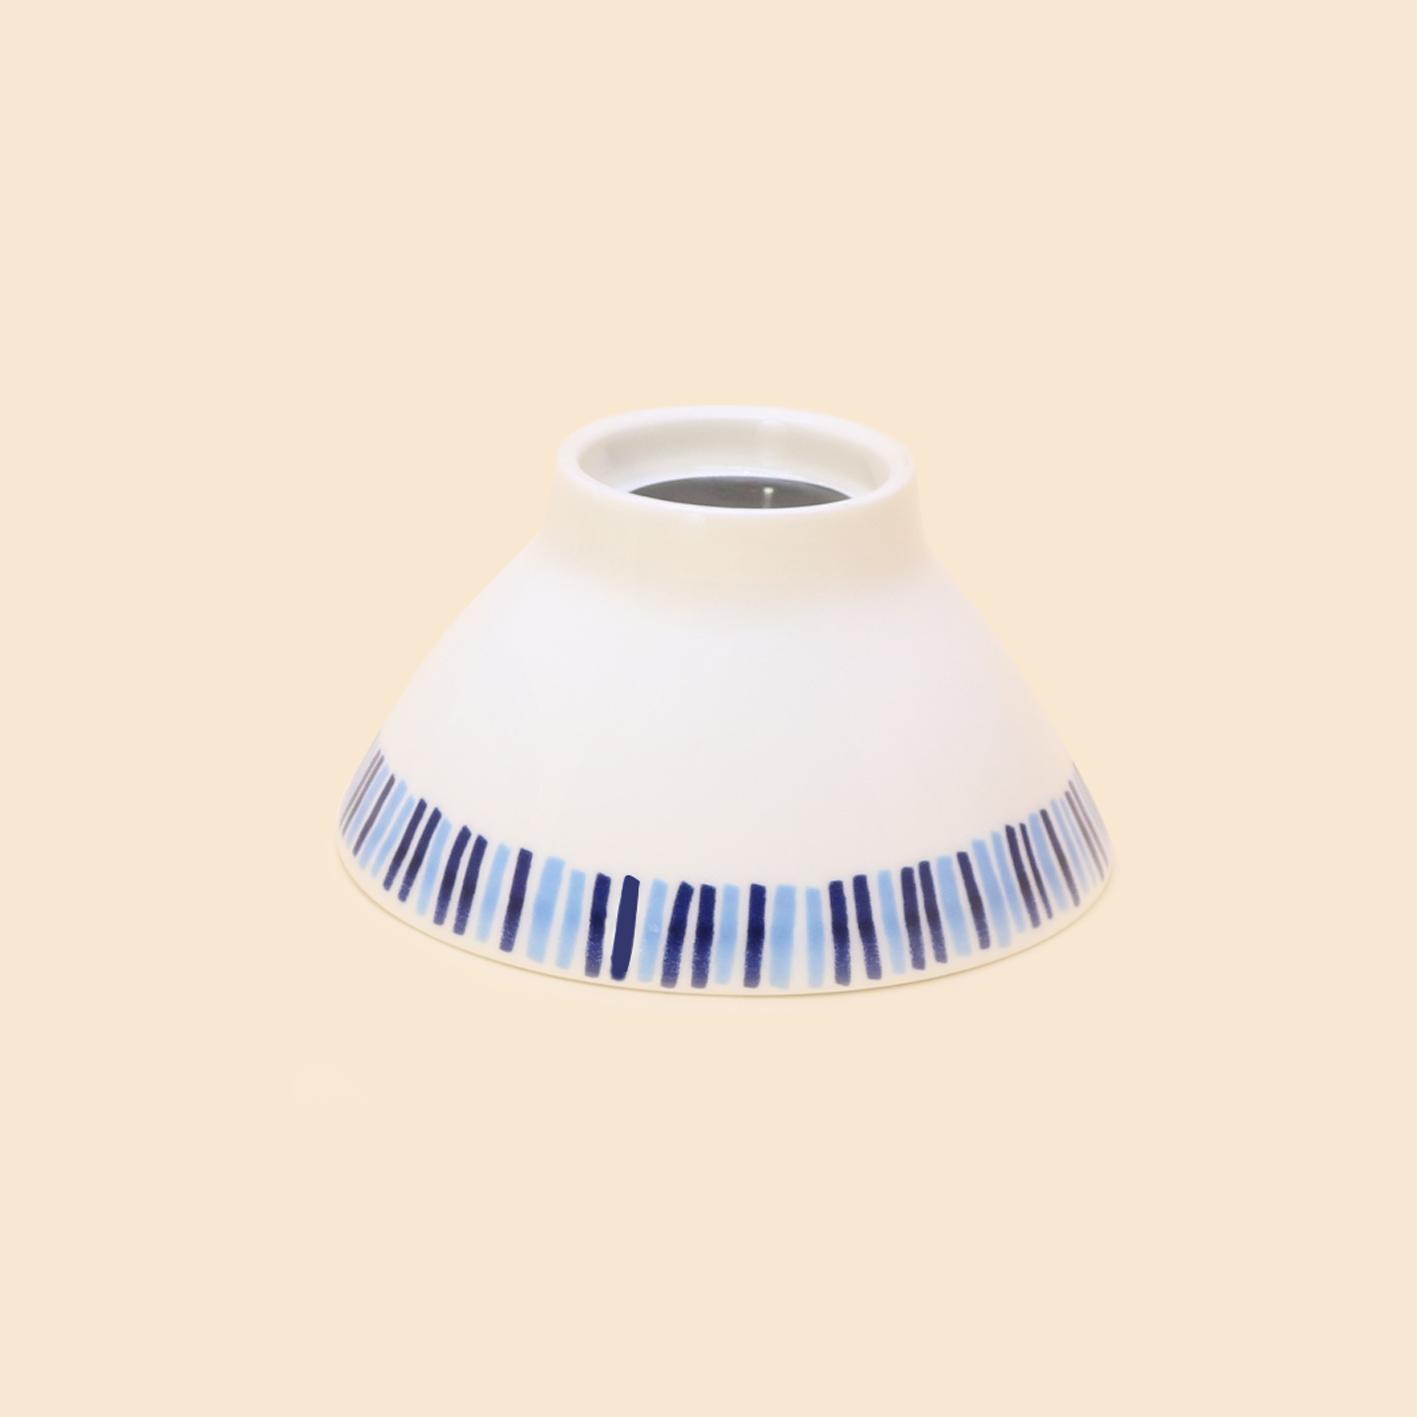 Chén gốm hoa văn xanh - Ceramic bowl